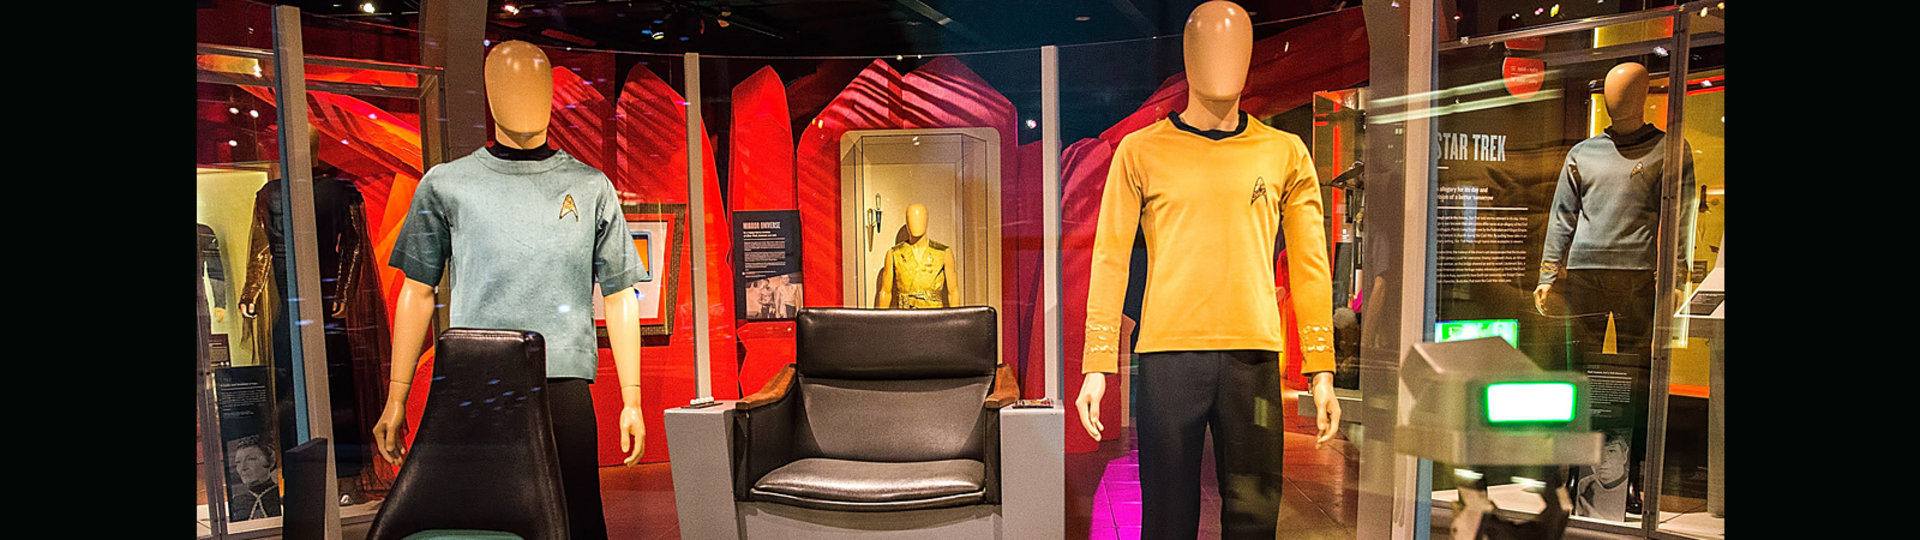 Star Trek exhibition image